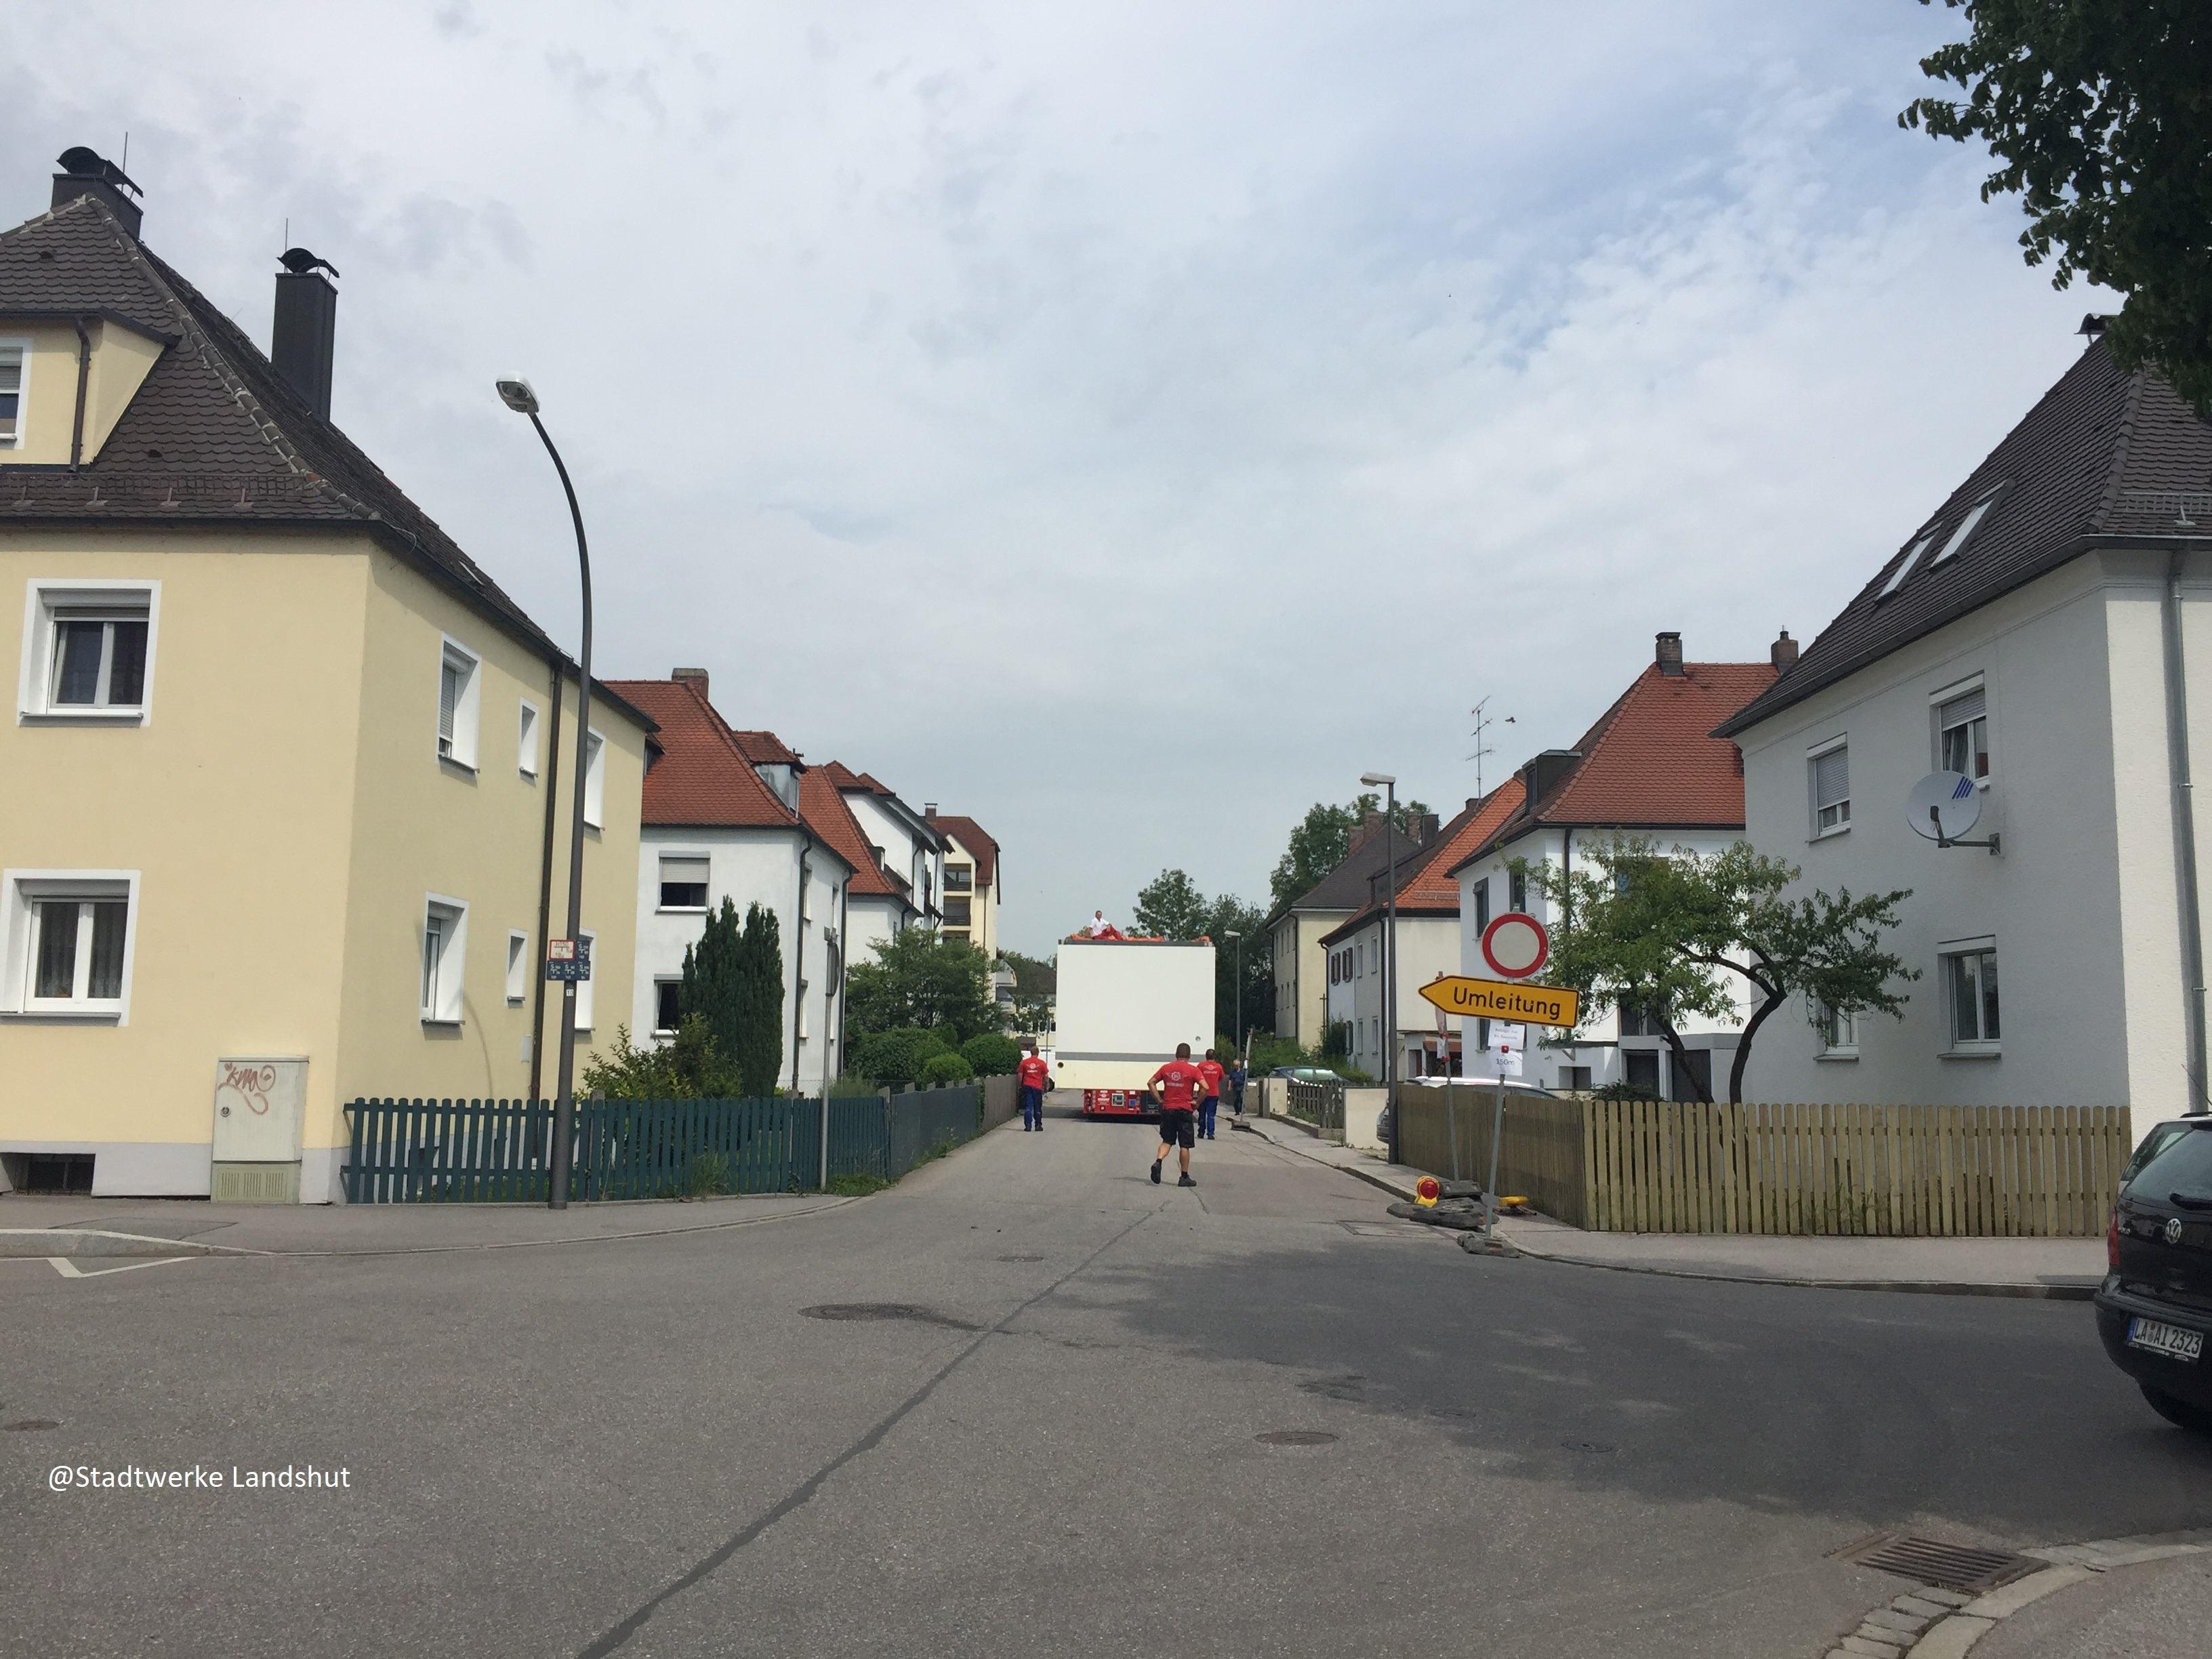 73to Trafostation wird mit dem Selbstfahrer zum Umspannwerk transportiert. @Stadtwerke Landshut, @Kran-Maier Landshut